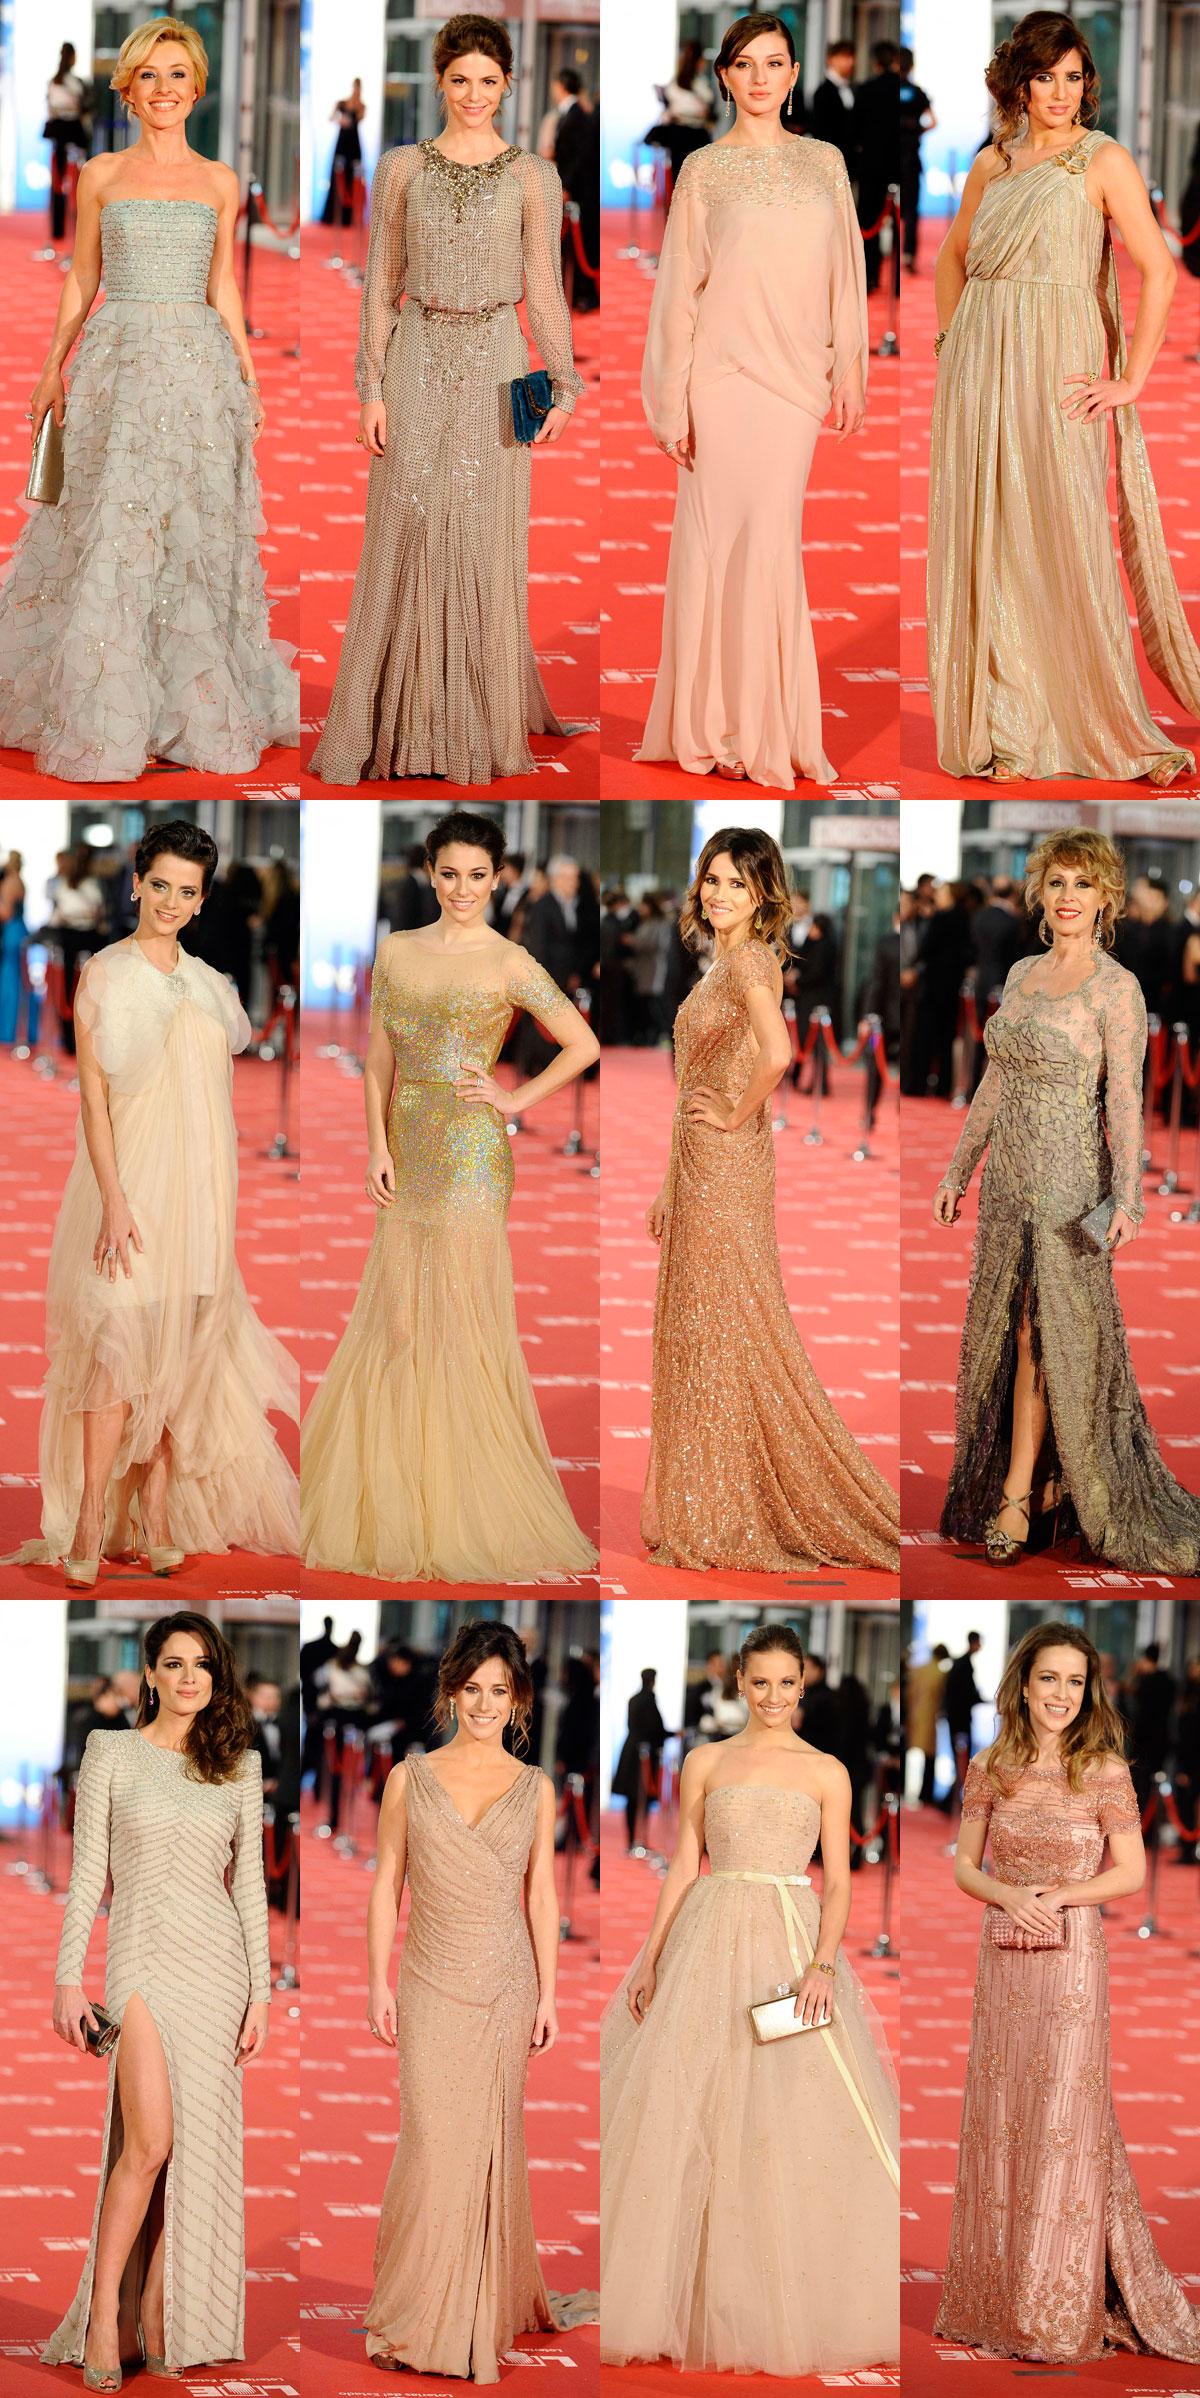 Vestidos nude Goya 2012